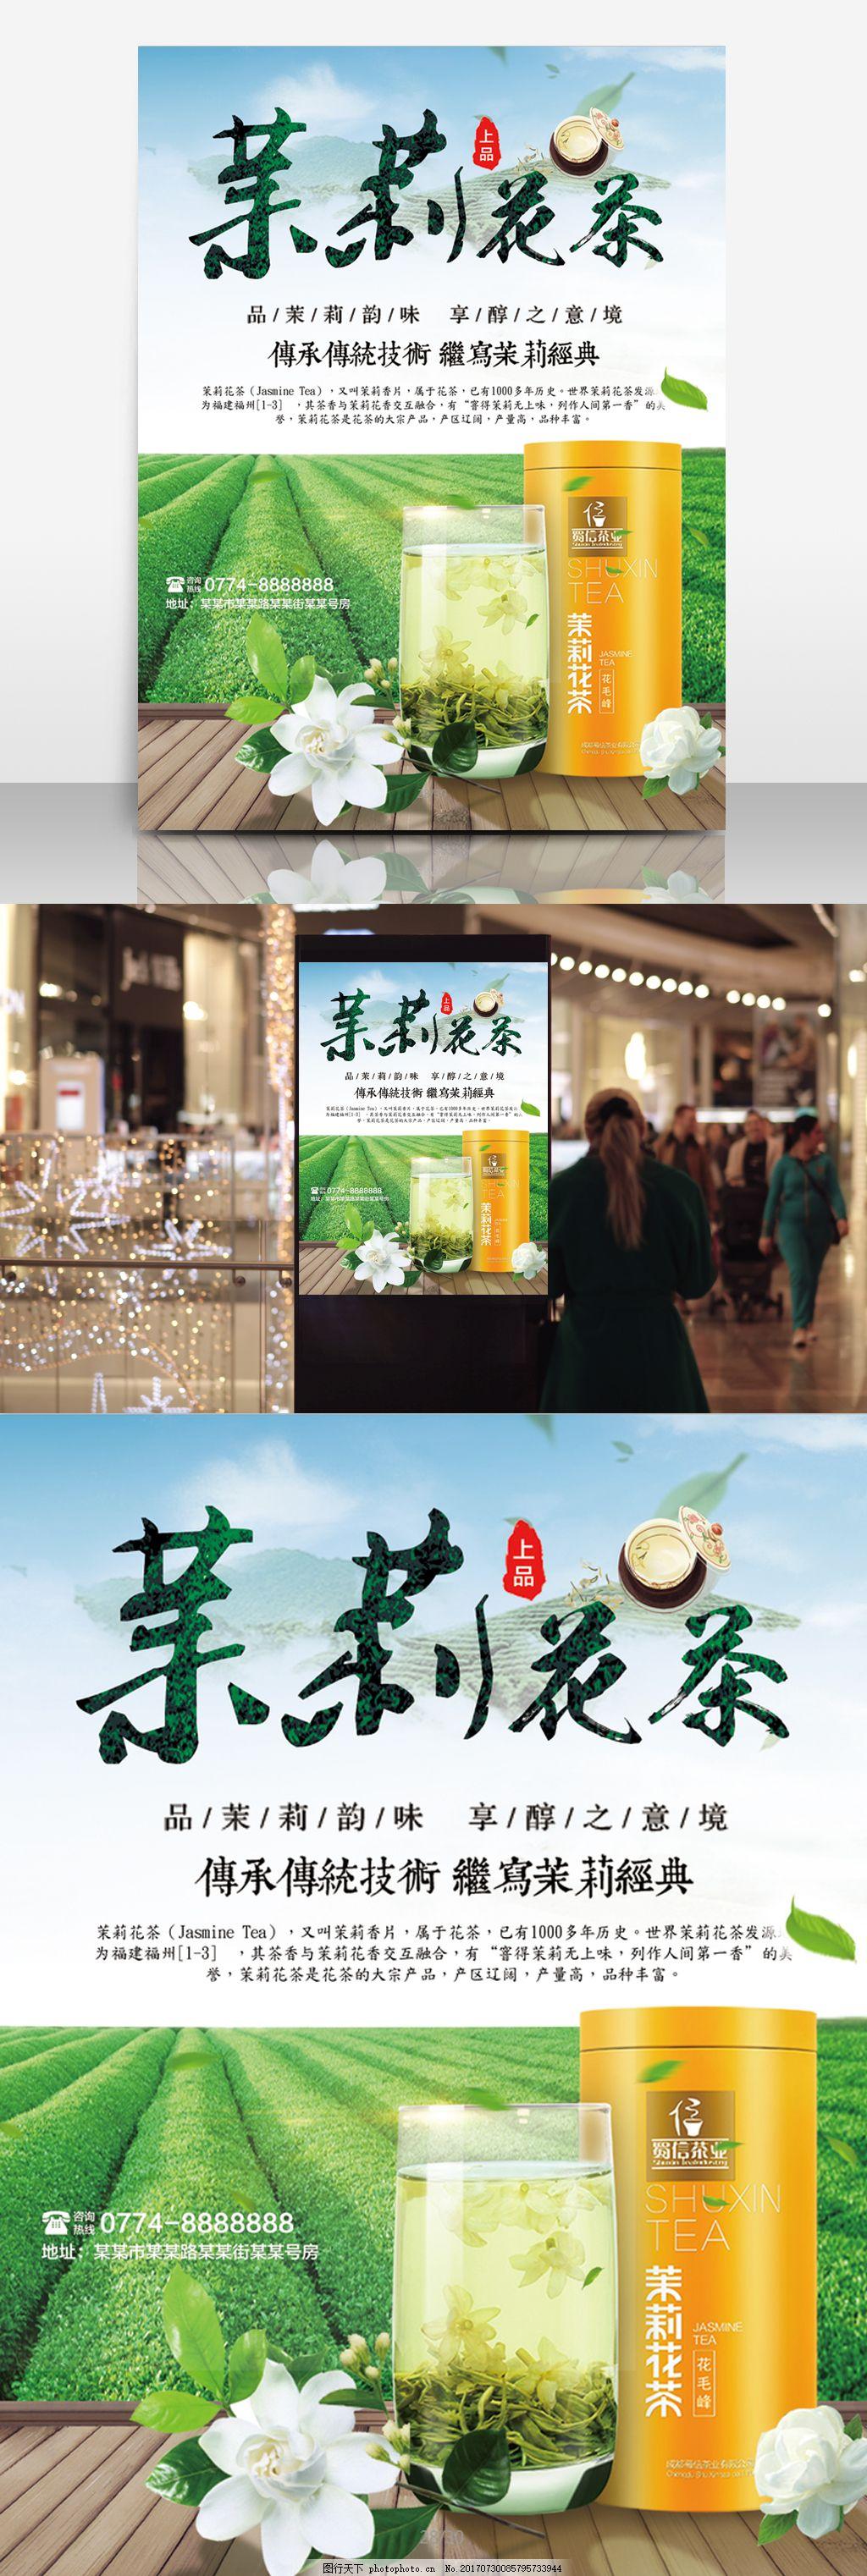 绿色茉莉花茶宣传海报 茶叶 展架 草地 茶林 木板 宣传单